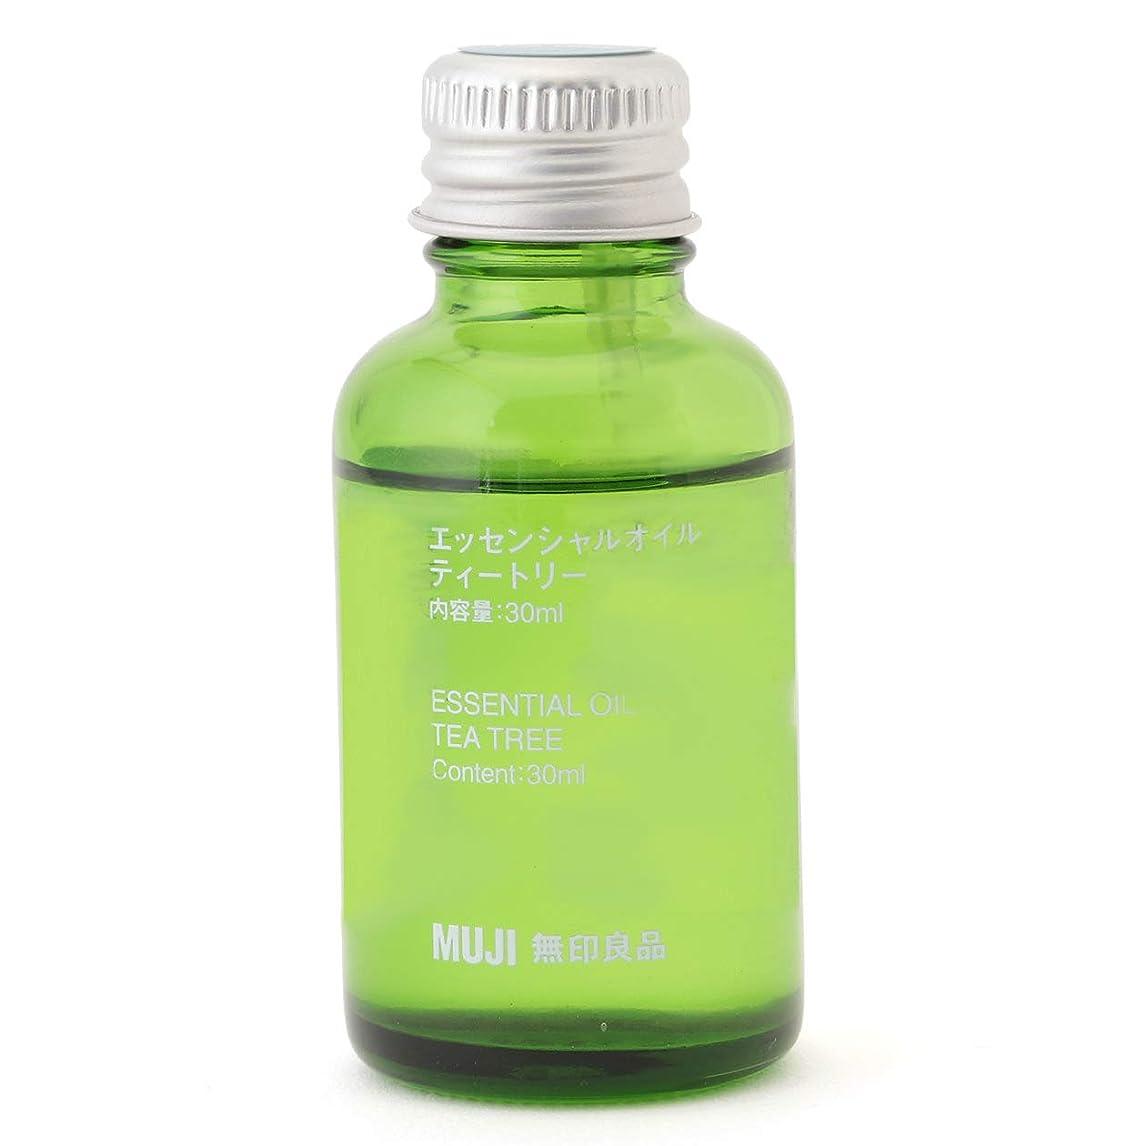 ウェイドカップ質素な【無印良品】エッセンシャルオイル30ml(ティートリー)